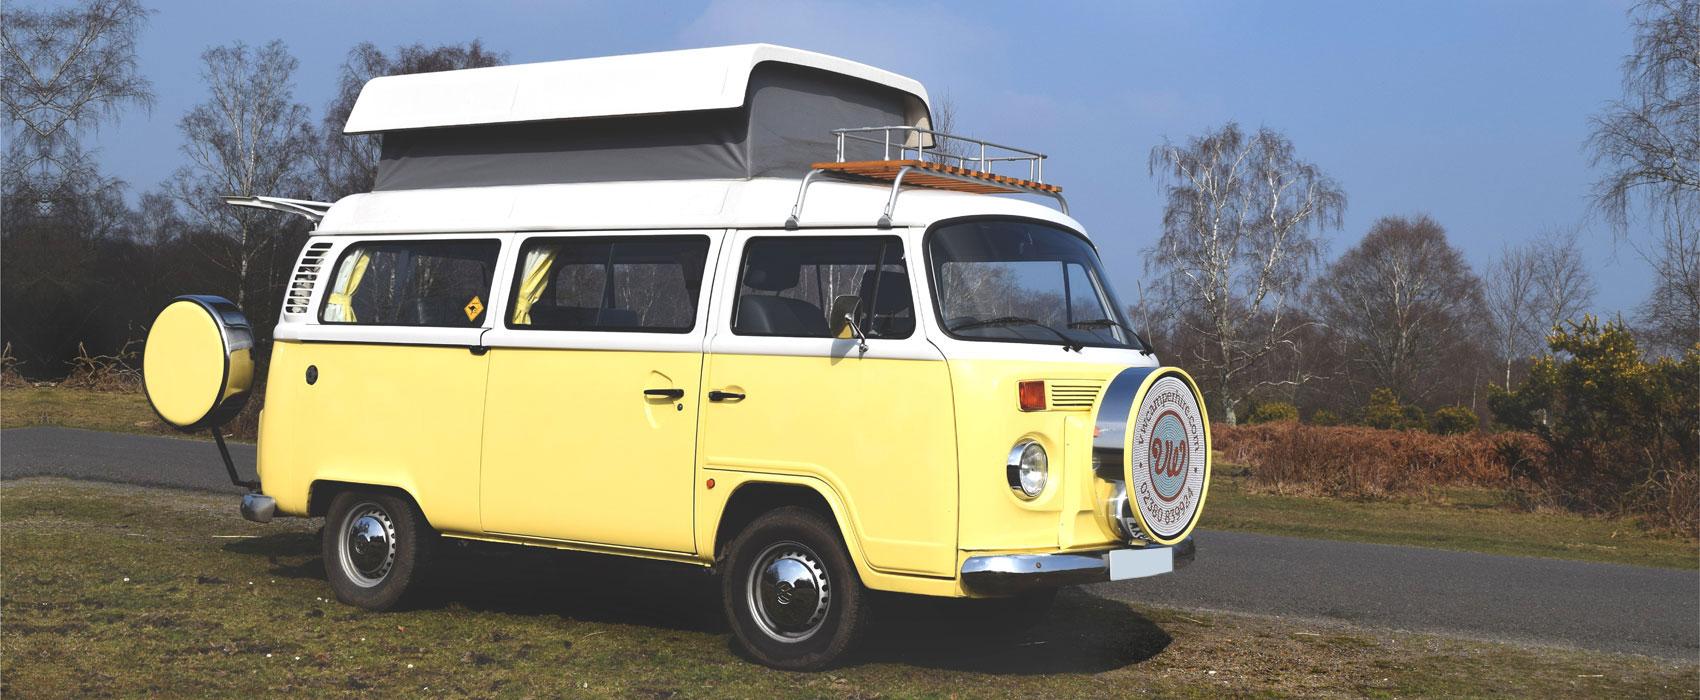 Daisy campervan